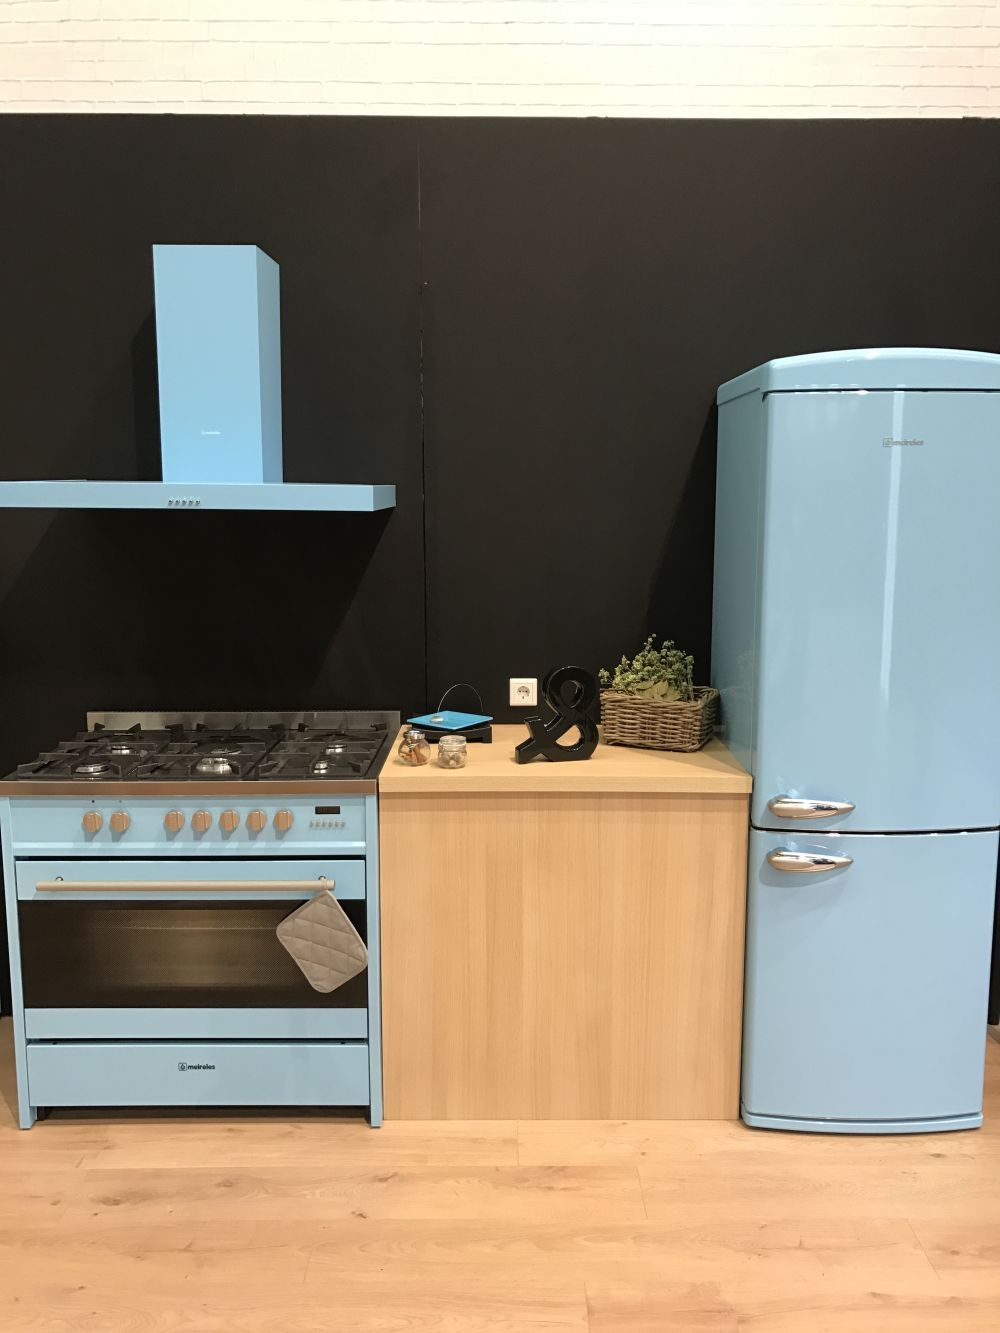 Farbige Küchengeräte, die mit RetroCharme erfüllt sind